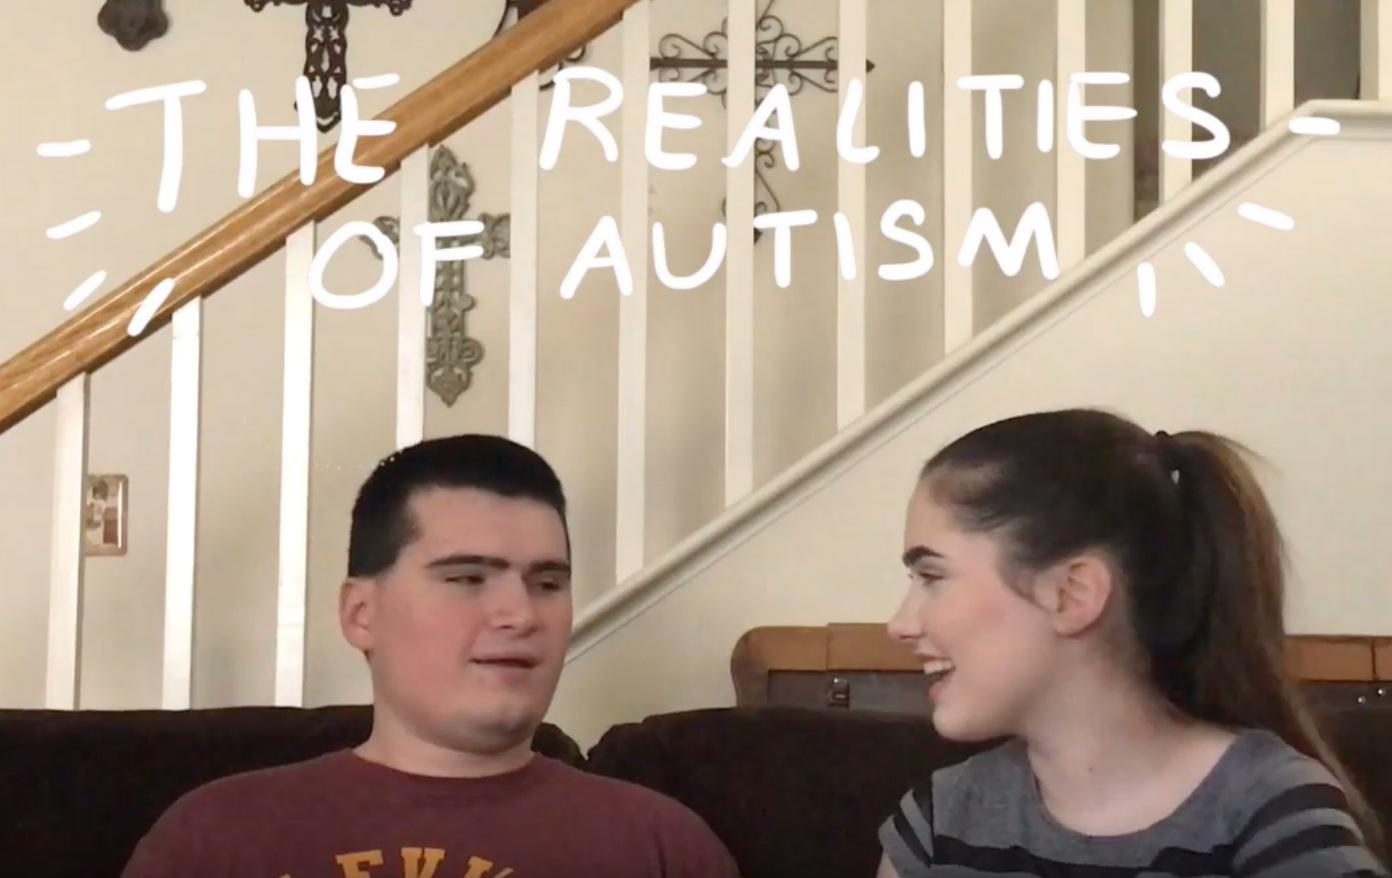 2017-siblings-of-autism-autism-society.jpg